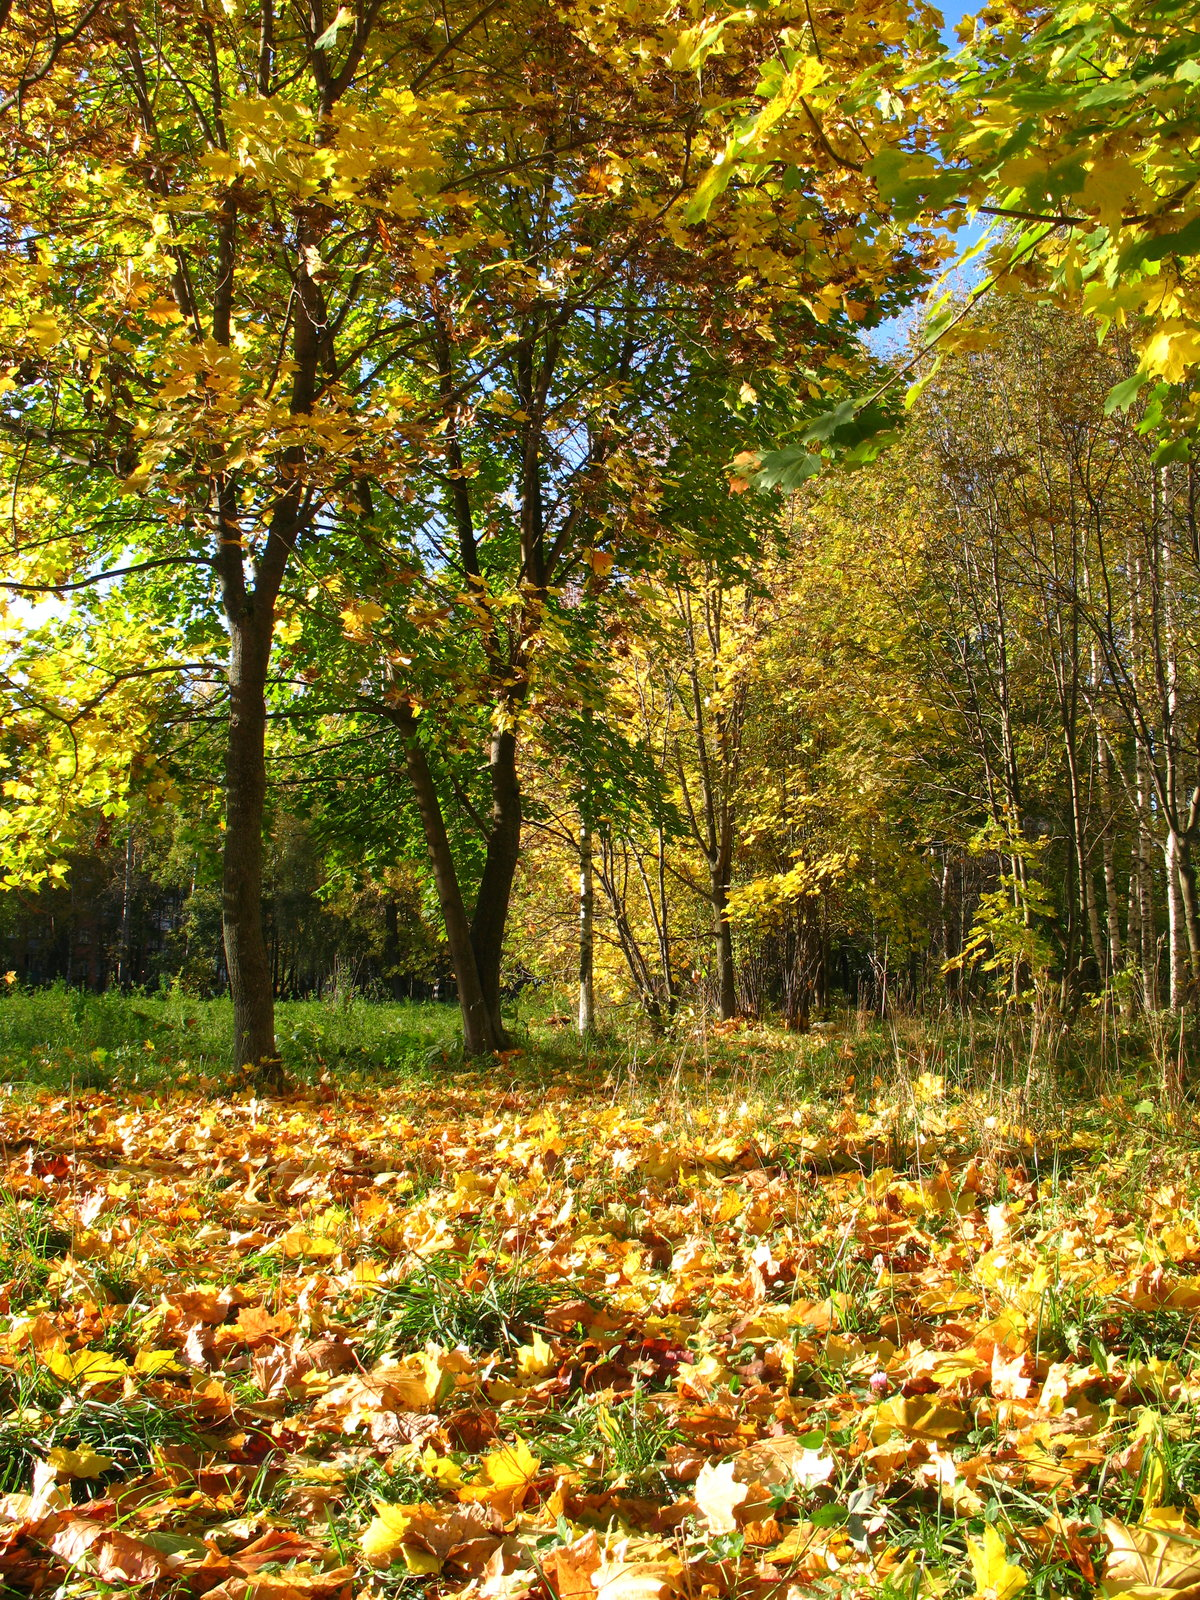 фотографии видами картинка осенней полянки леса мужчин рода раевских